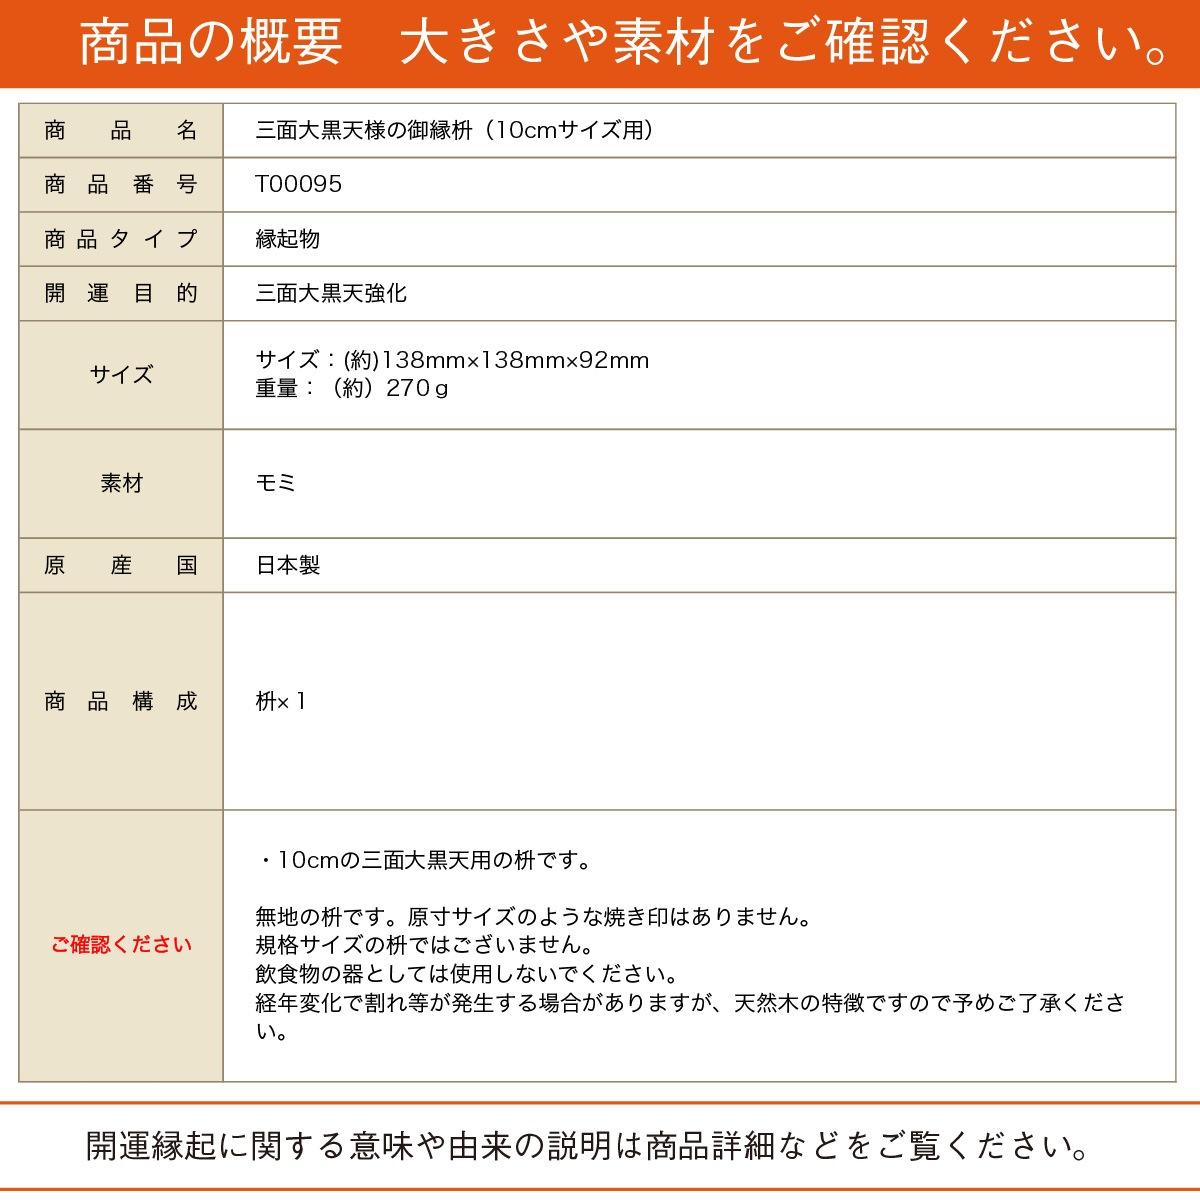 三面大黒天様の御縁枡(10cmサイズ用)